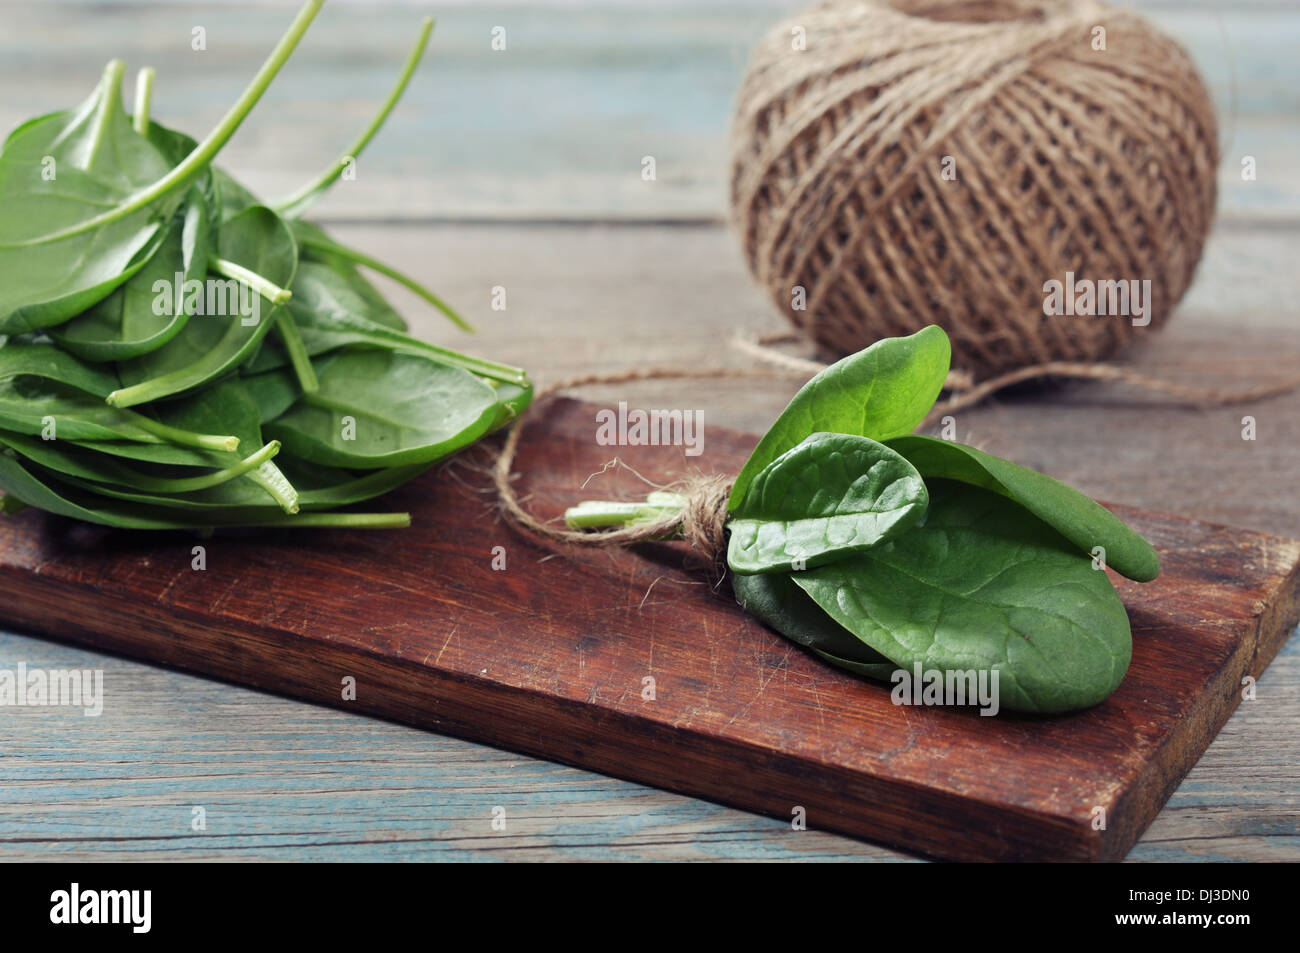 Las hojas de espinacas frescas en la tabla de cortar de madera closeup Imagen De Stock